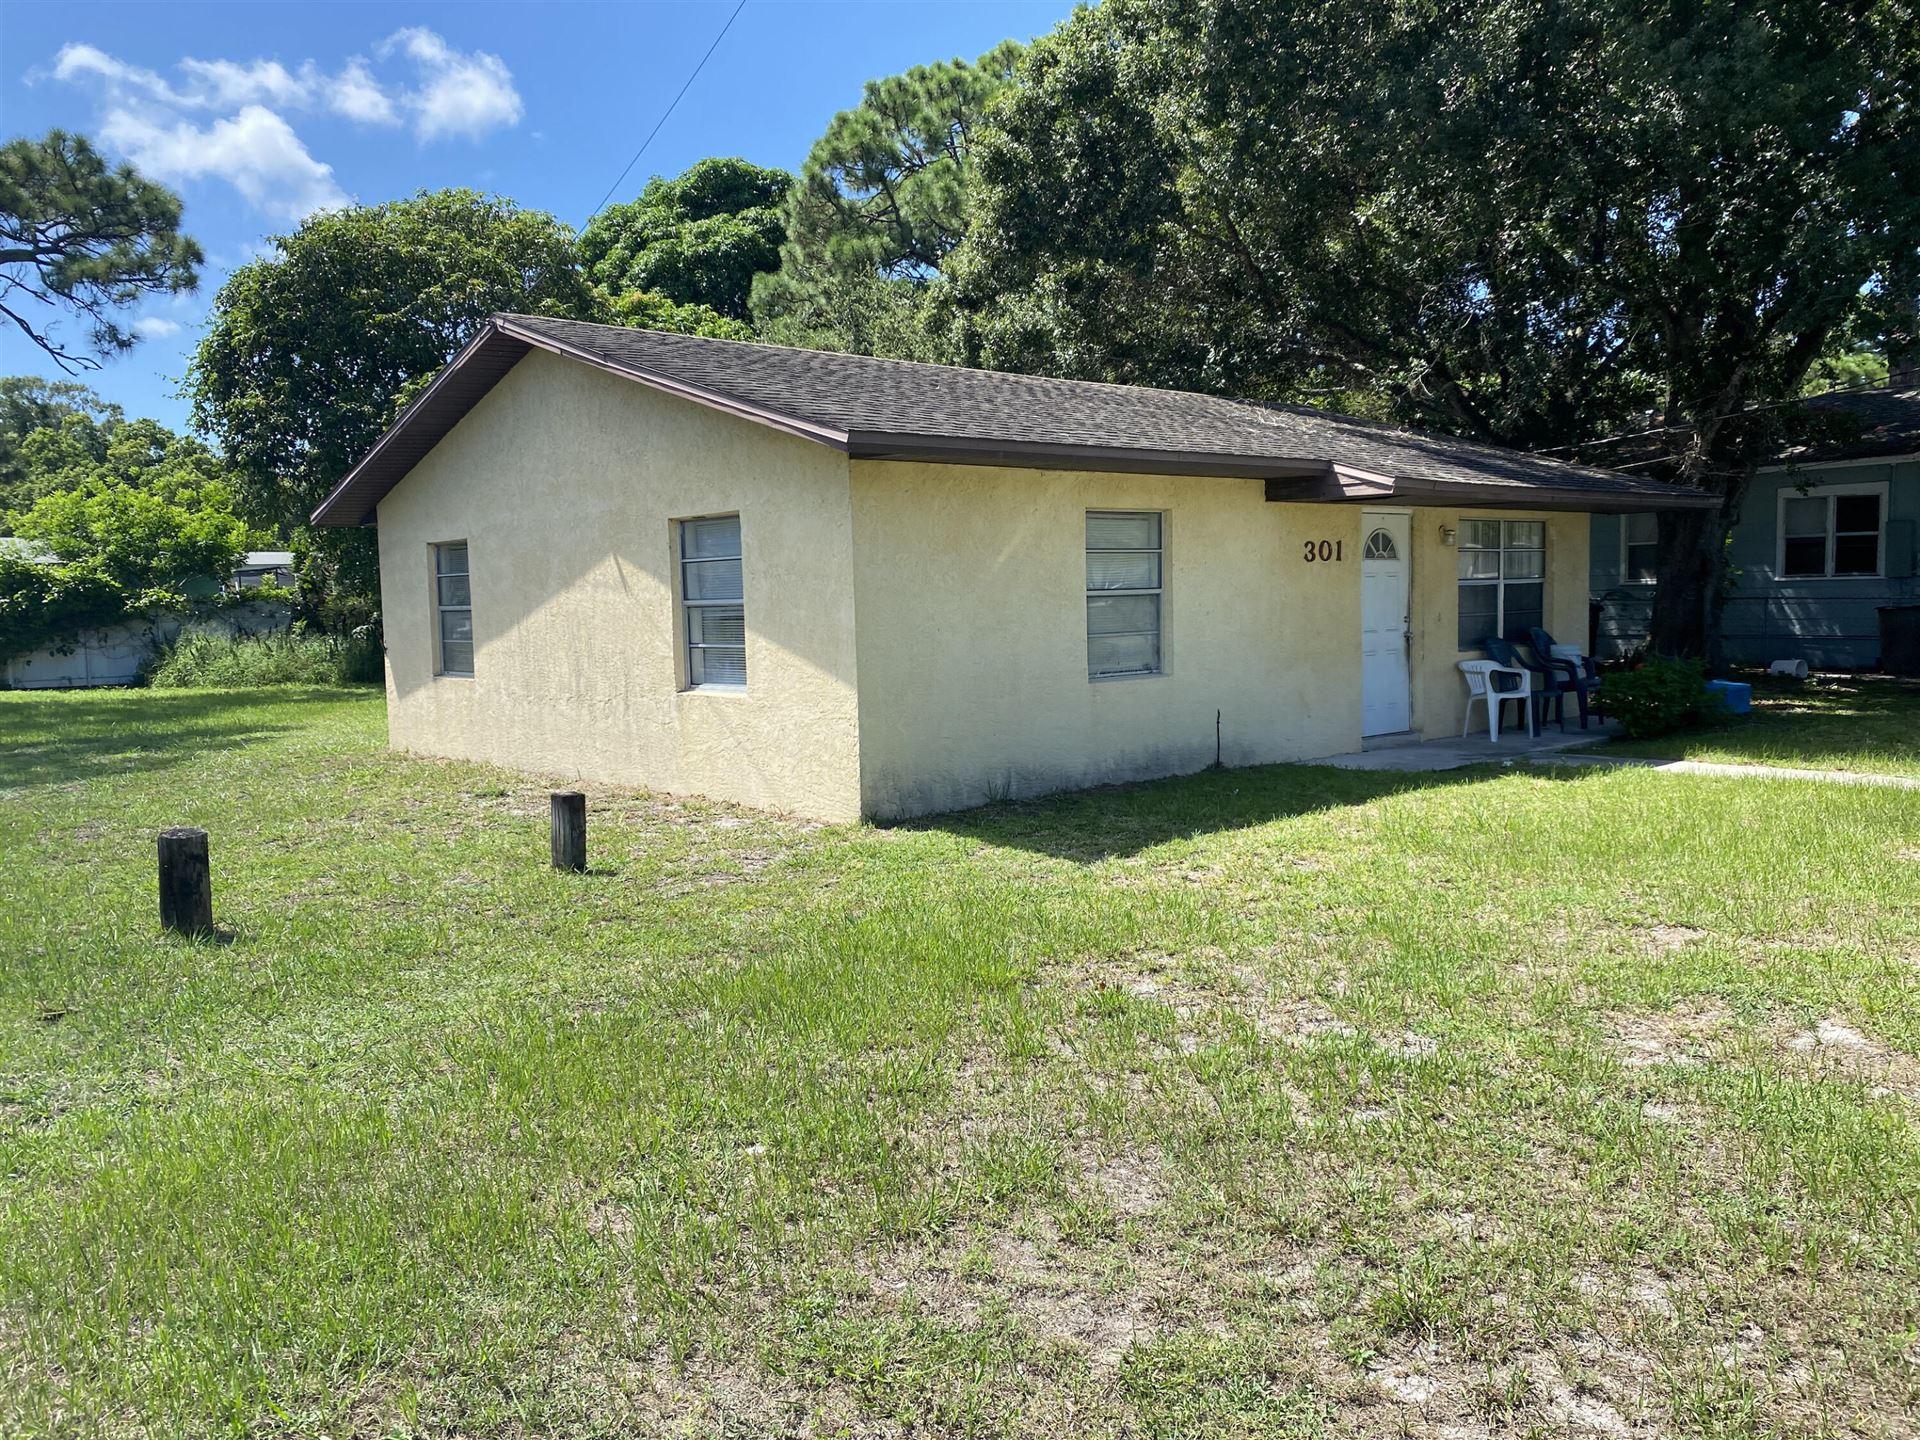 301 N 20th Street, Fort Pierce, FL 34950 - MLS#: RX-10739392